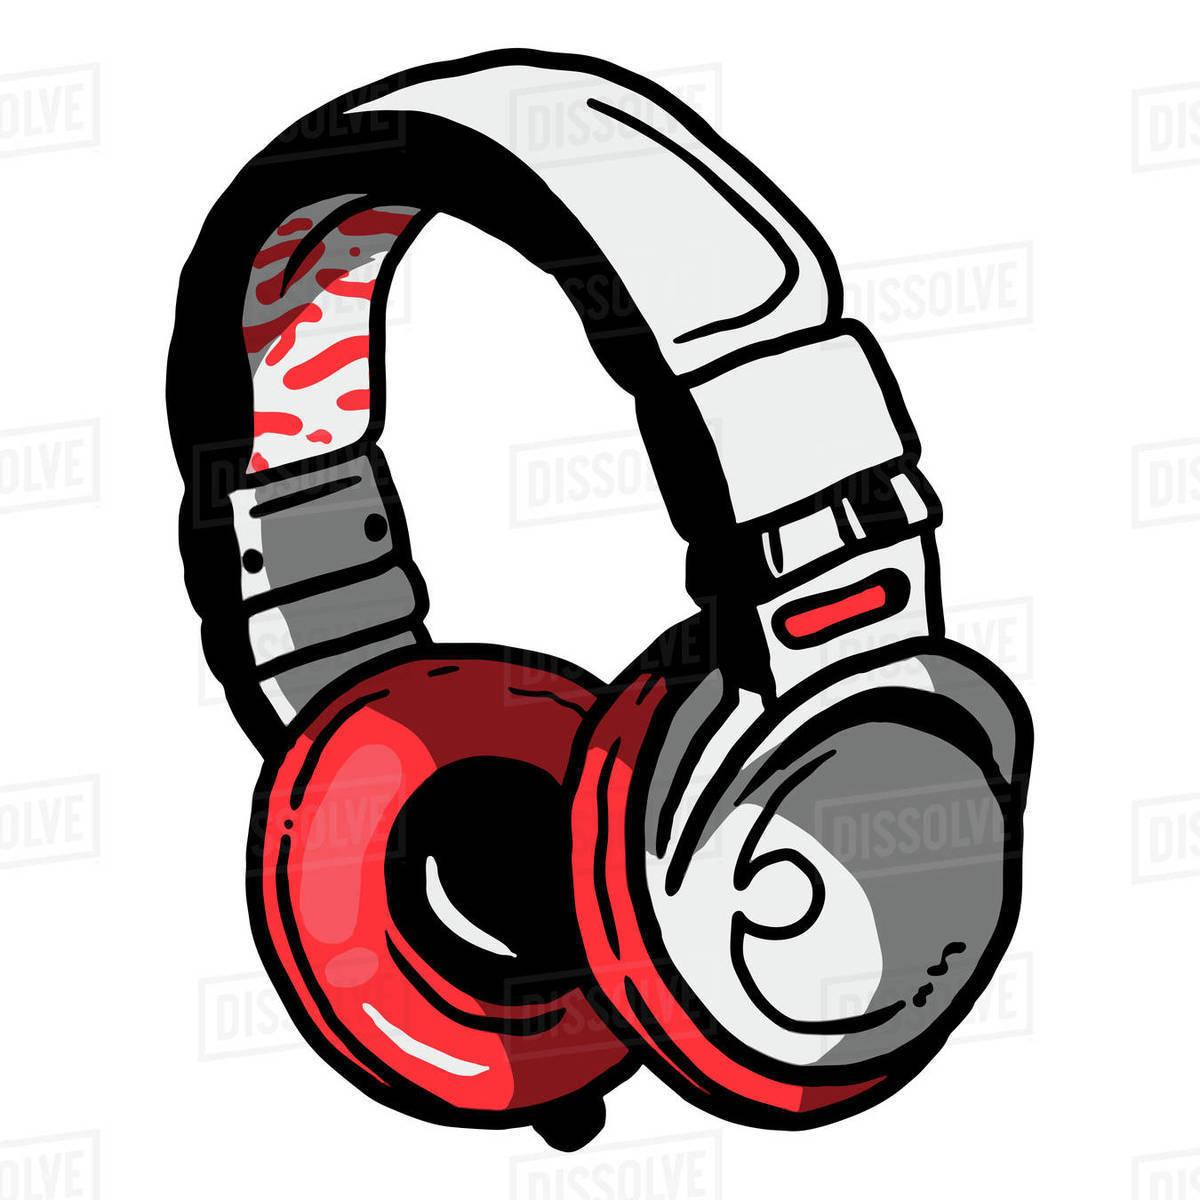 Illustration of headphones isolated on white background Royalty-free stock photo